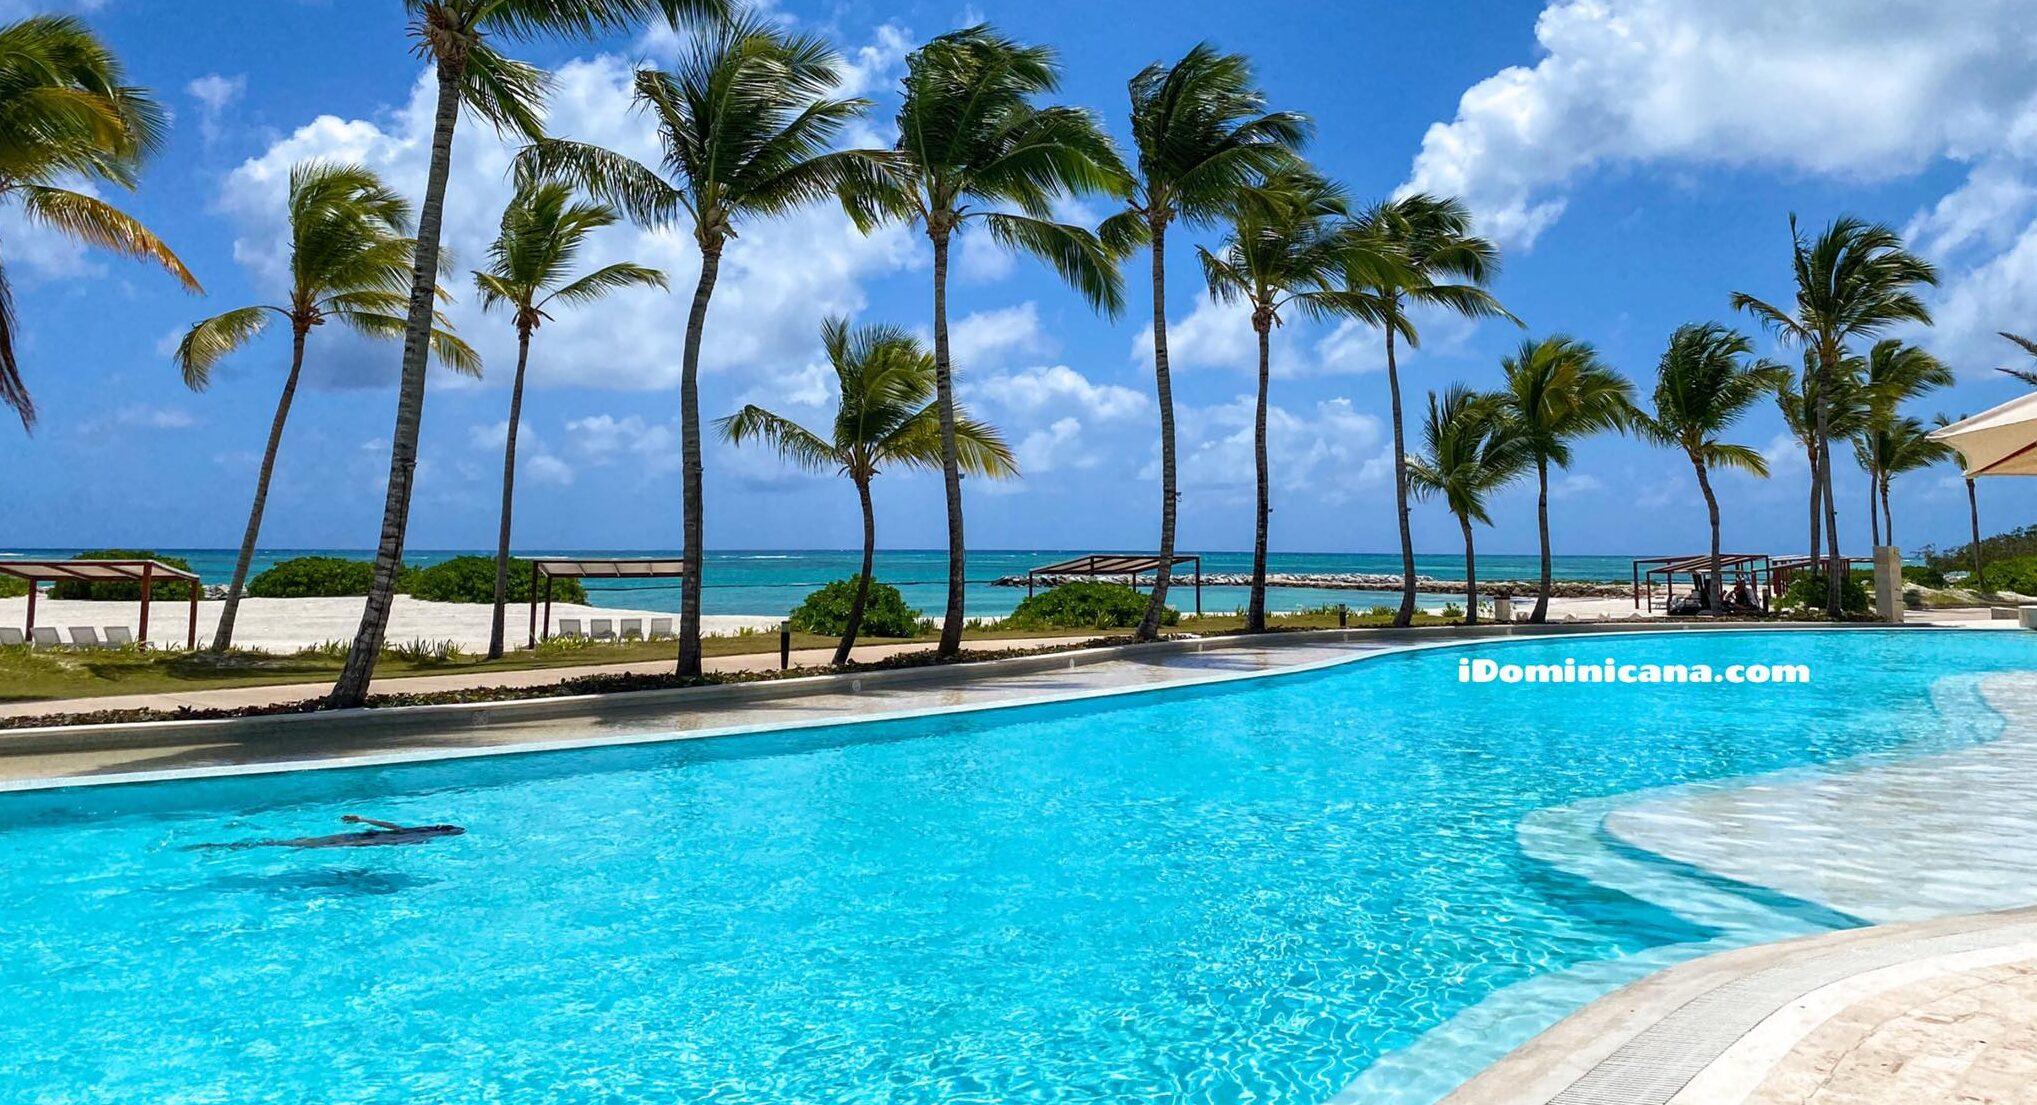 Апартаменты в Доминикане: Cap Cana Aquamarina, 2 спальни